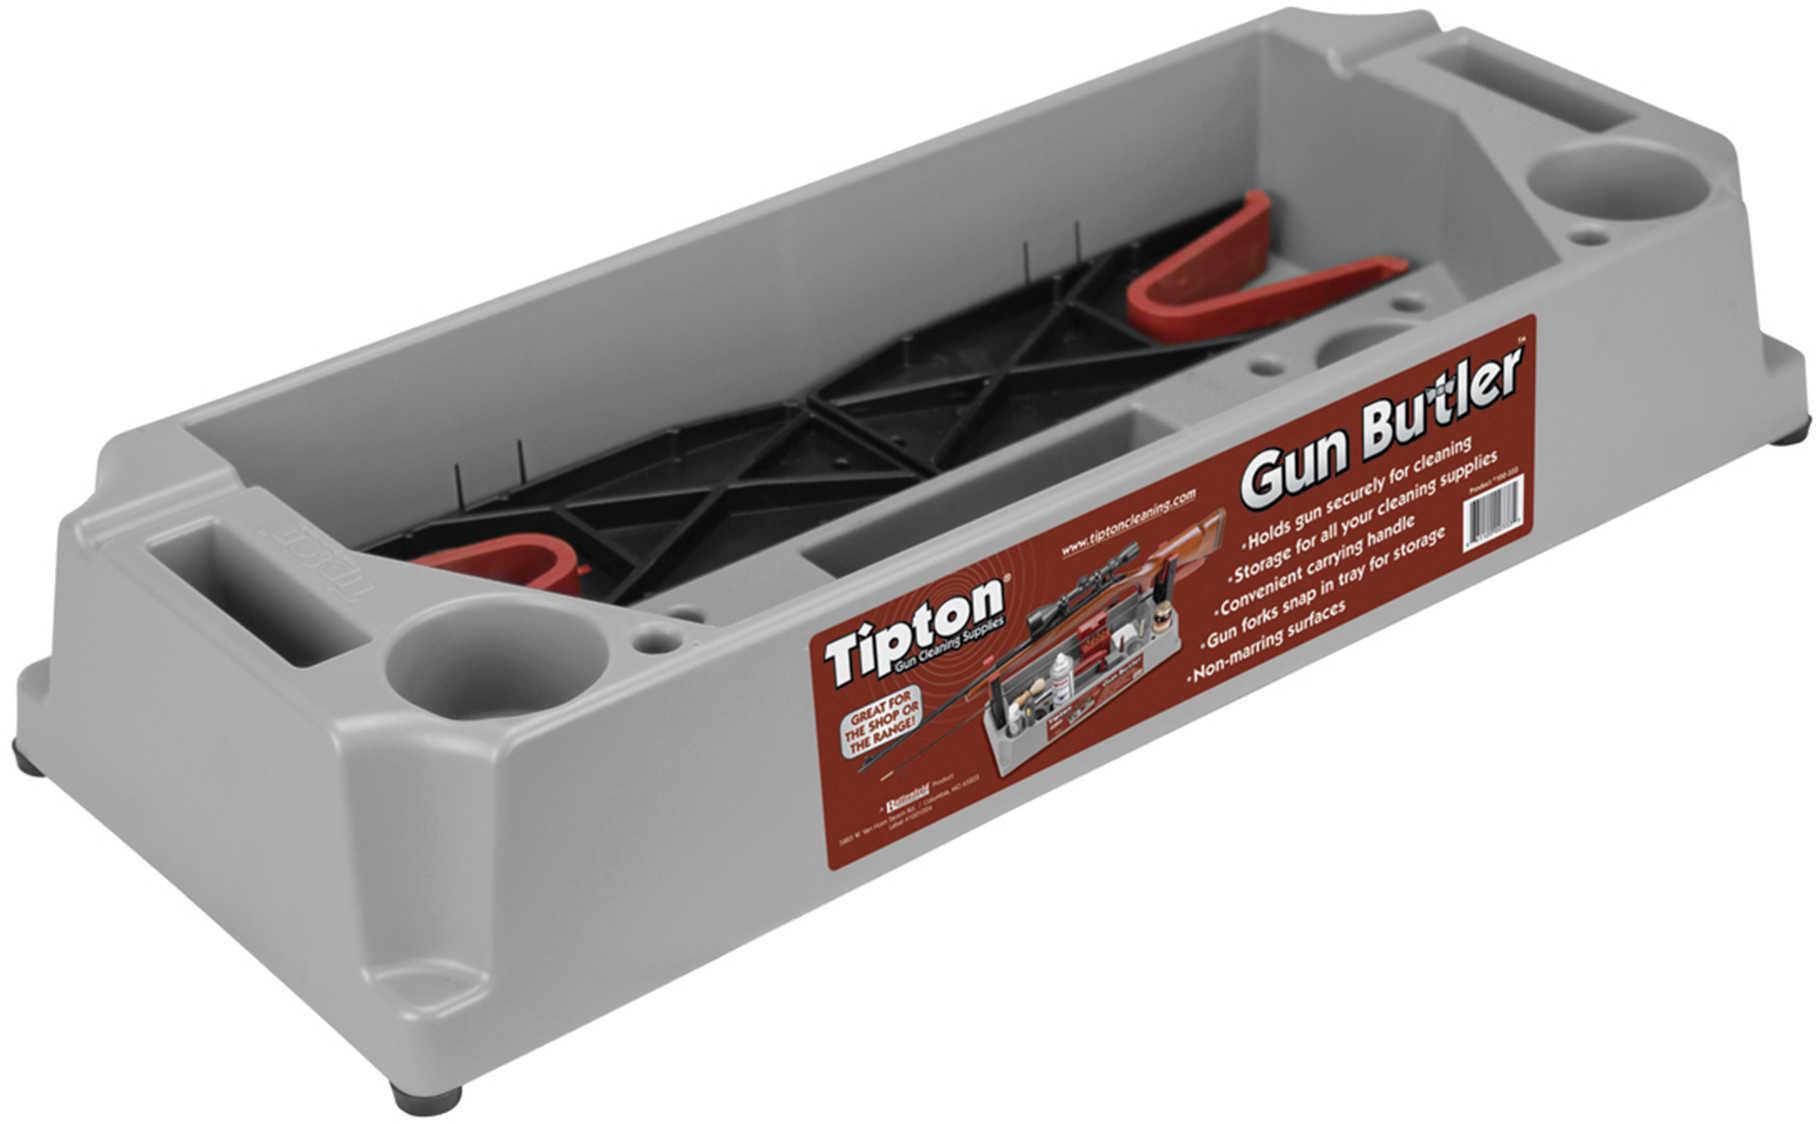 Tipton Gun Butler 100333